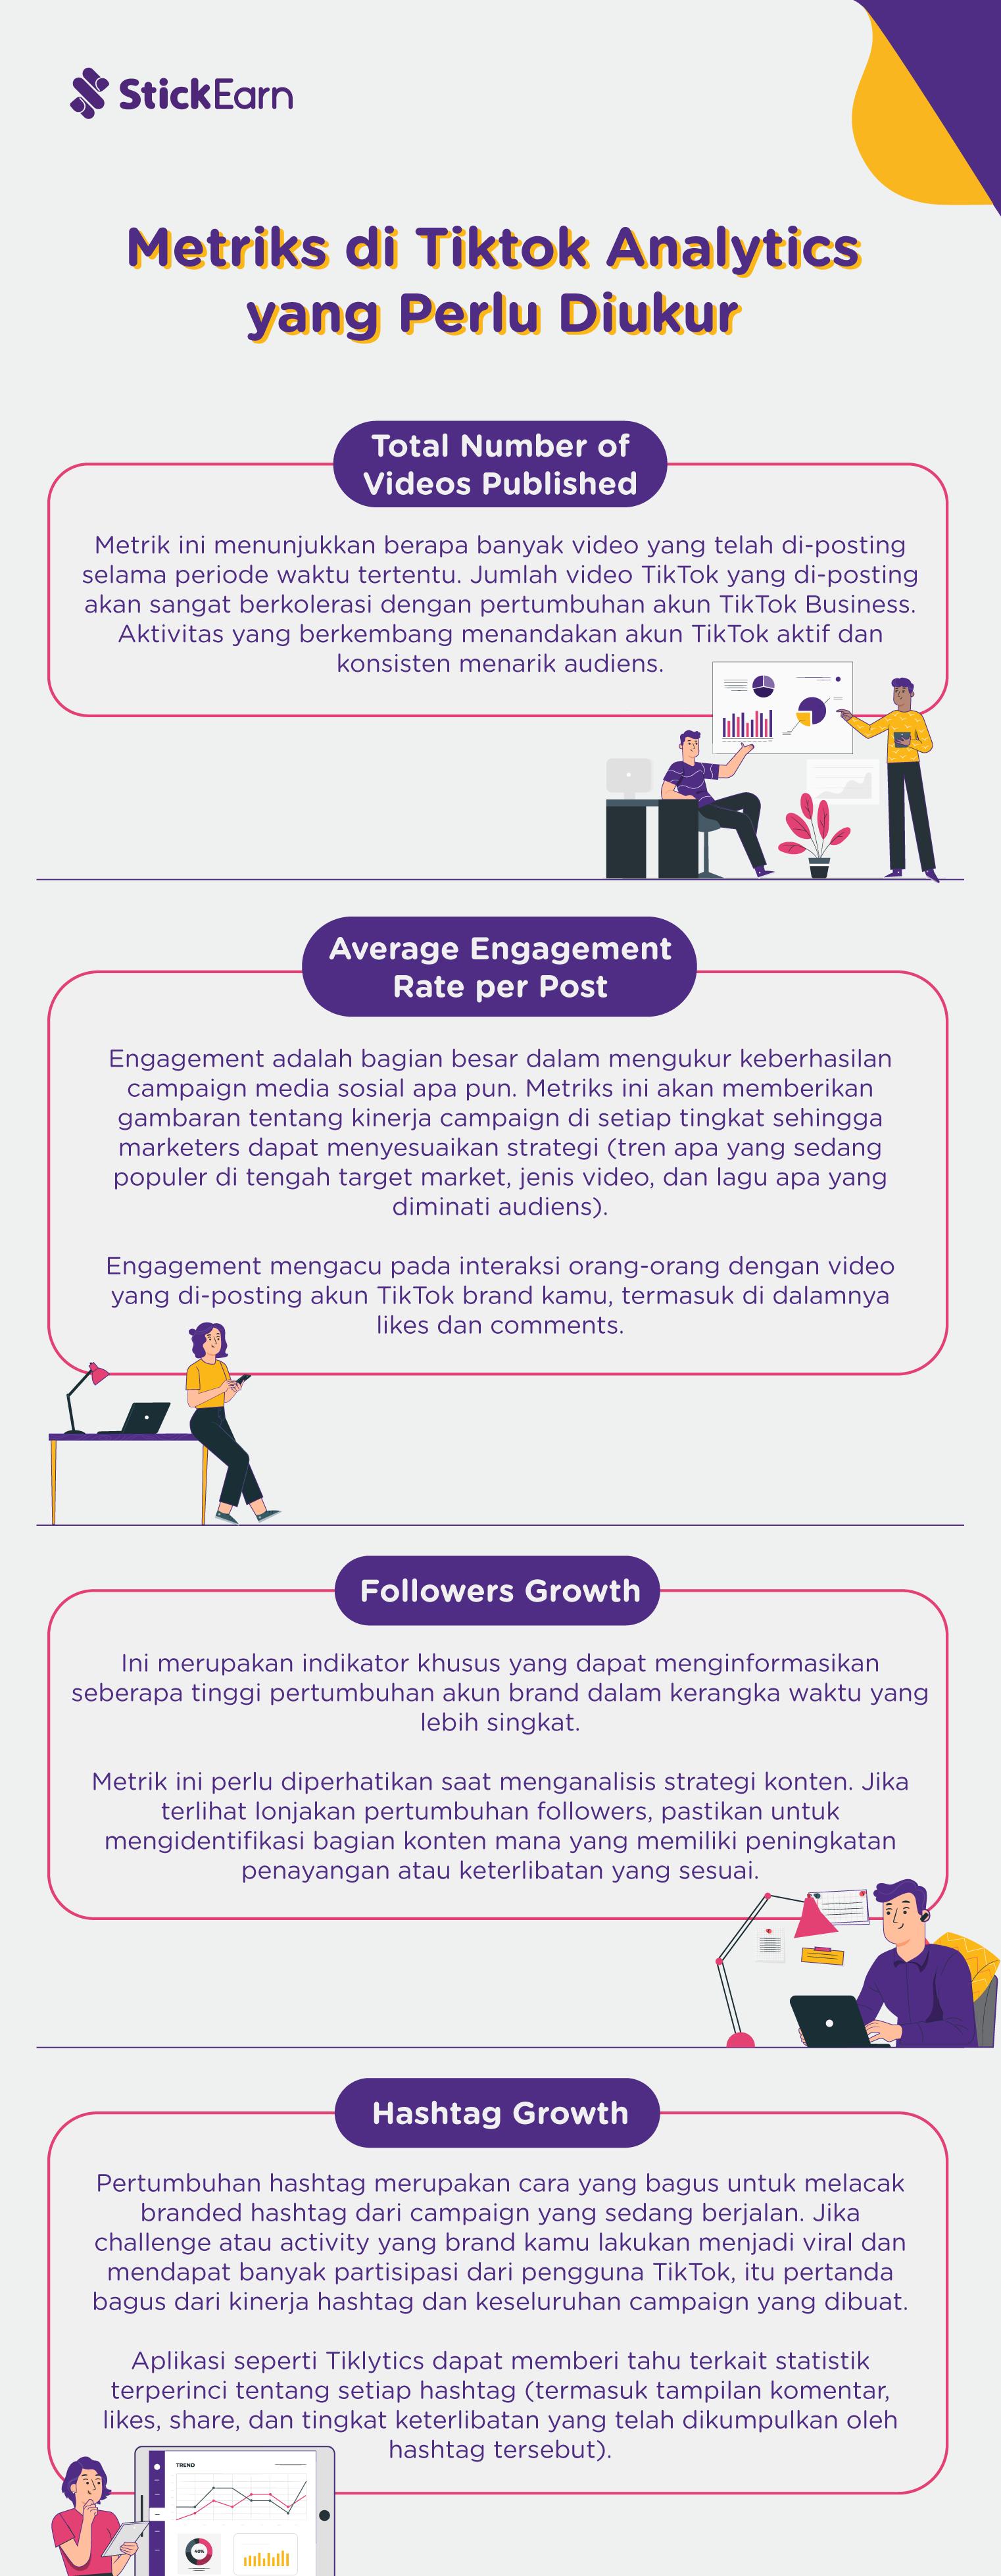 Artikel_20210901- Serba-serbi TikTok Analytics_Infographic.png